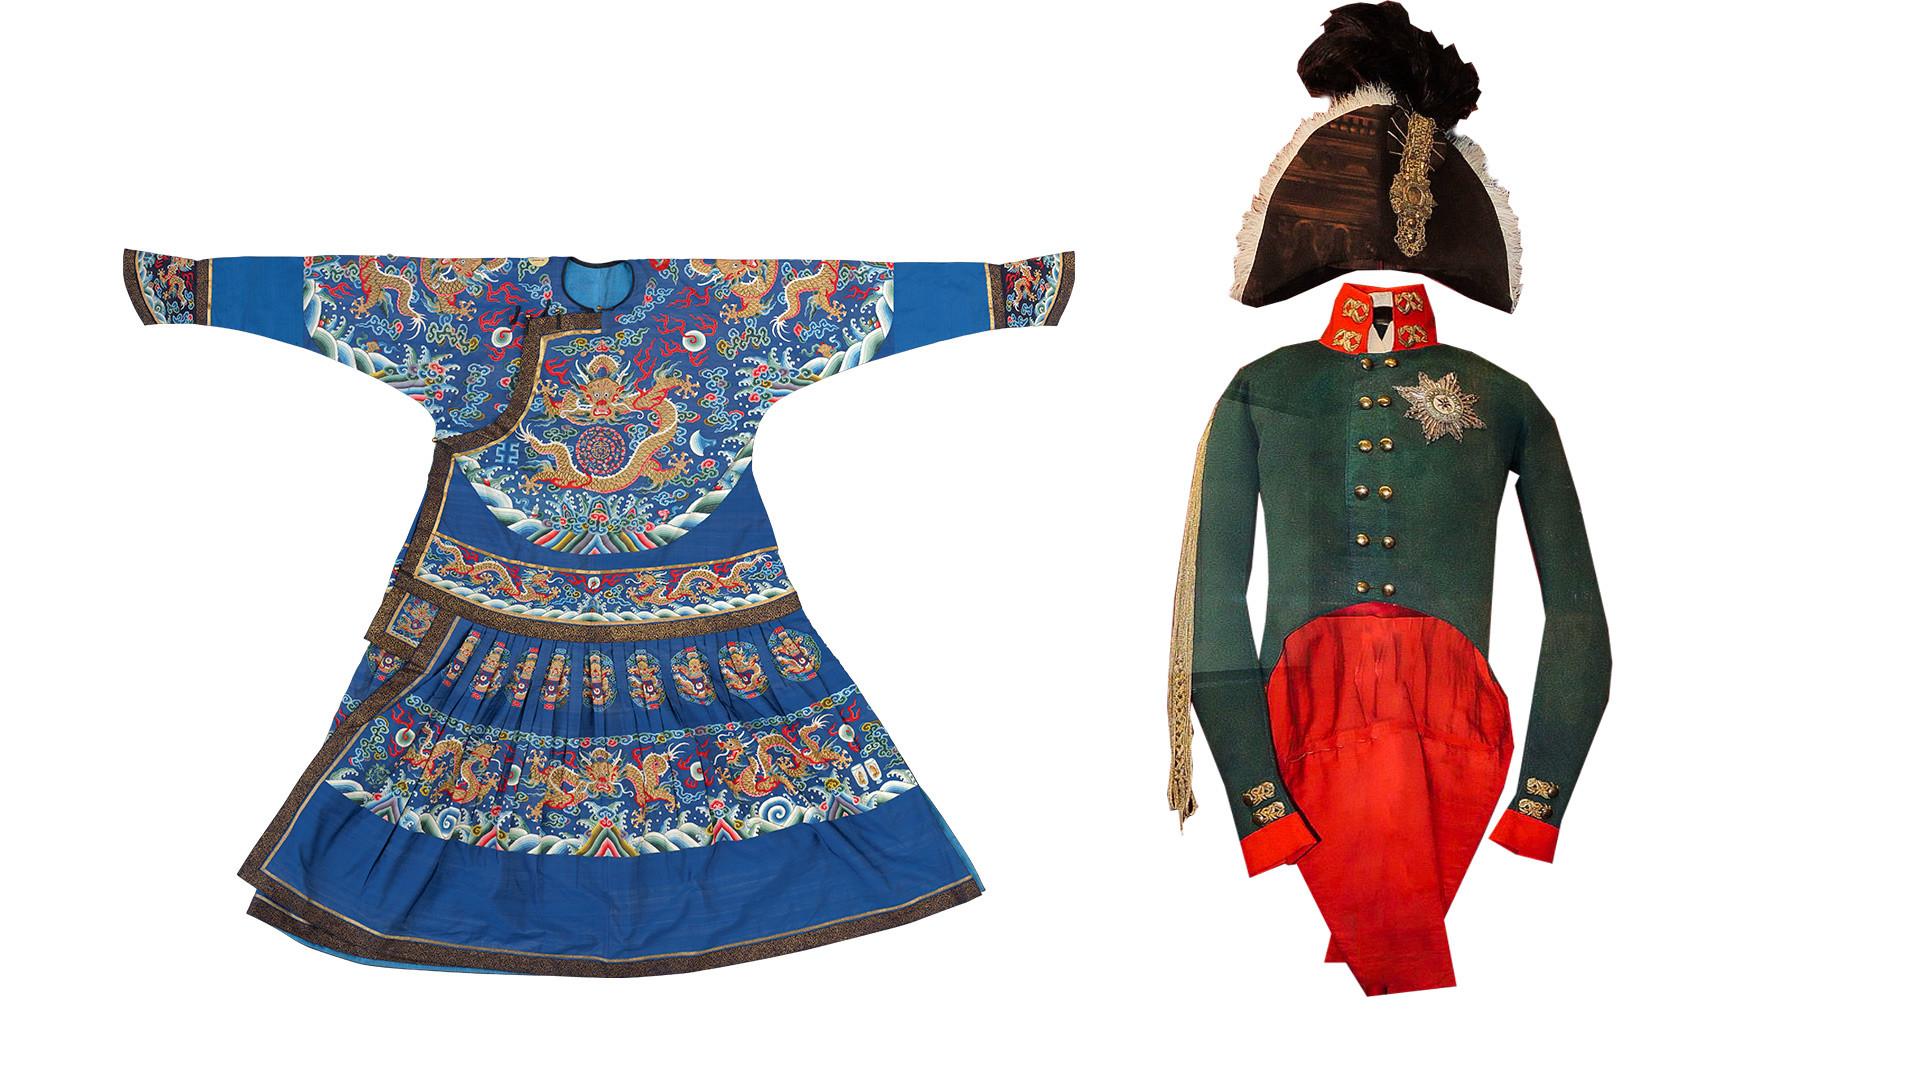 Лево: Свечана одећа цара. Династија Ћинг, владавинаЂијаћинга(1796.–1821.) Десно: Одећа са крунисања цара Александра Првог